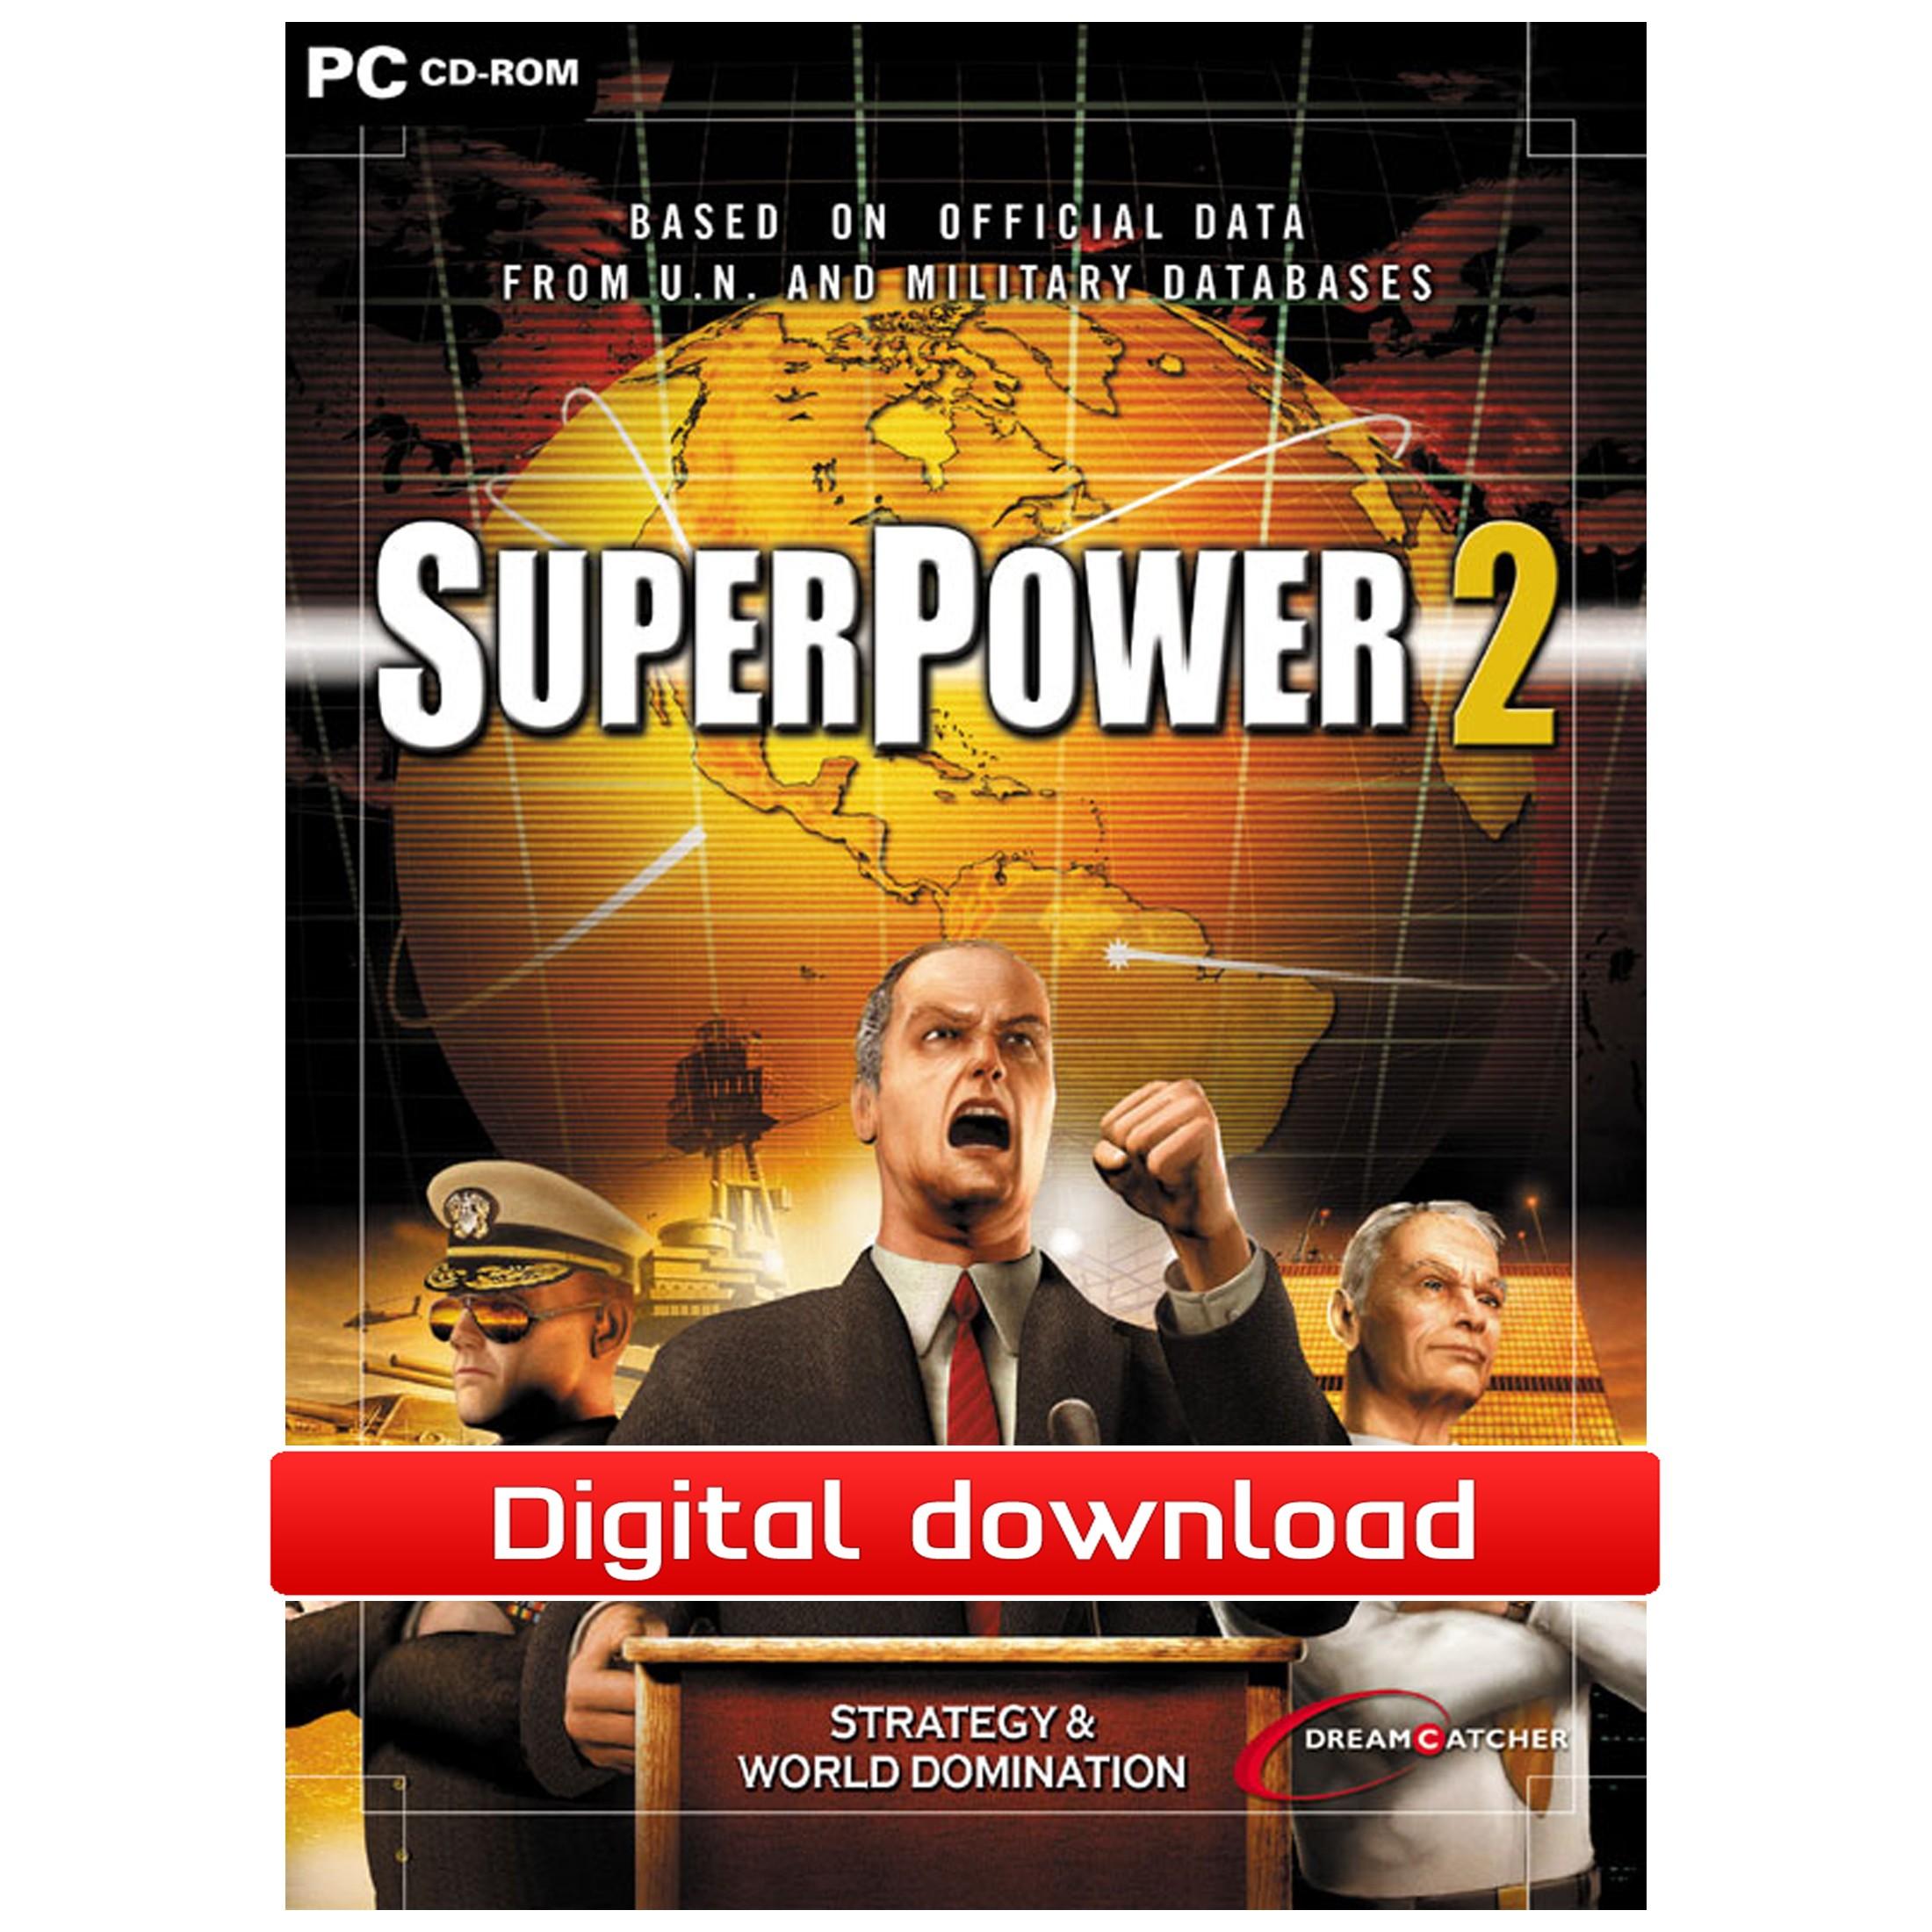 37203 : SuperPower 2 Steam Edition (PC nedlastning)